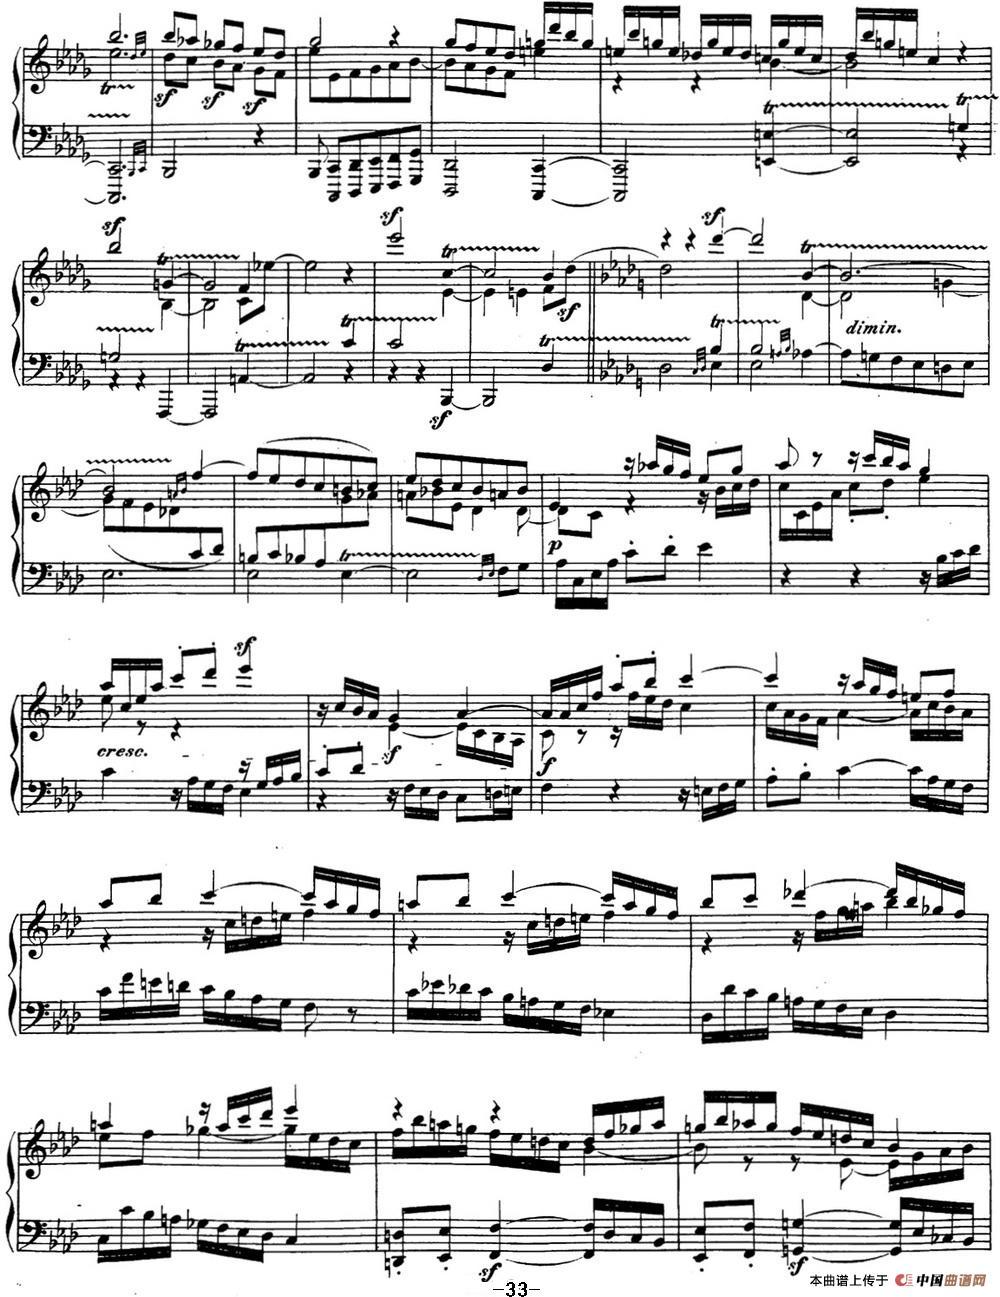 贝多芬钢琴奏鸣曲29 钢琴(锥子键琴)降B大调 Op.106 B-flat major(1)_原文件名:29 钢琴(锥子键琴)降B大调 Op106 B-flat major_页面_35.jpg